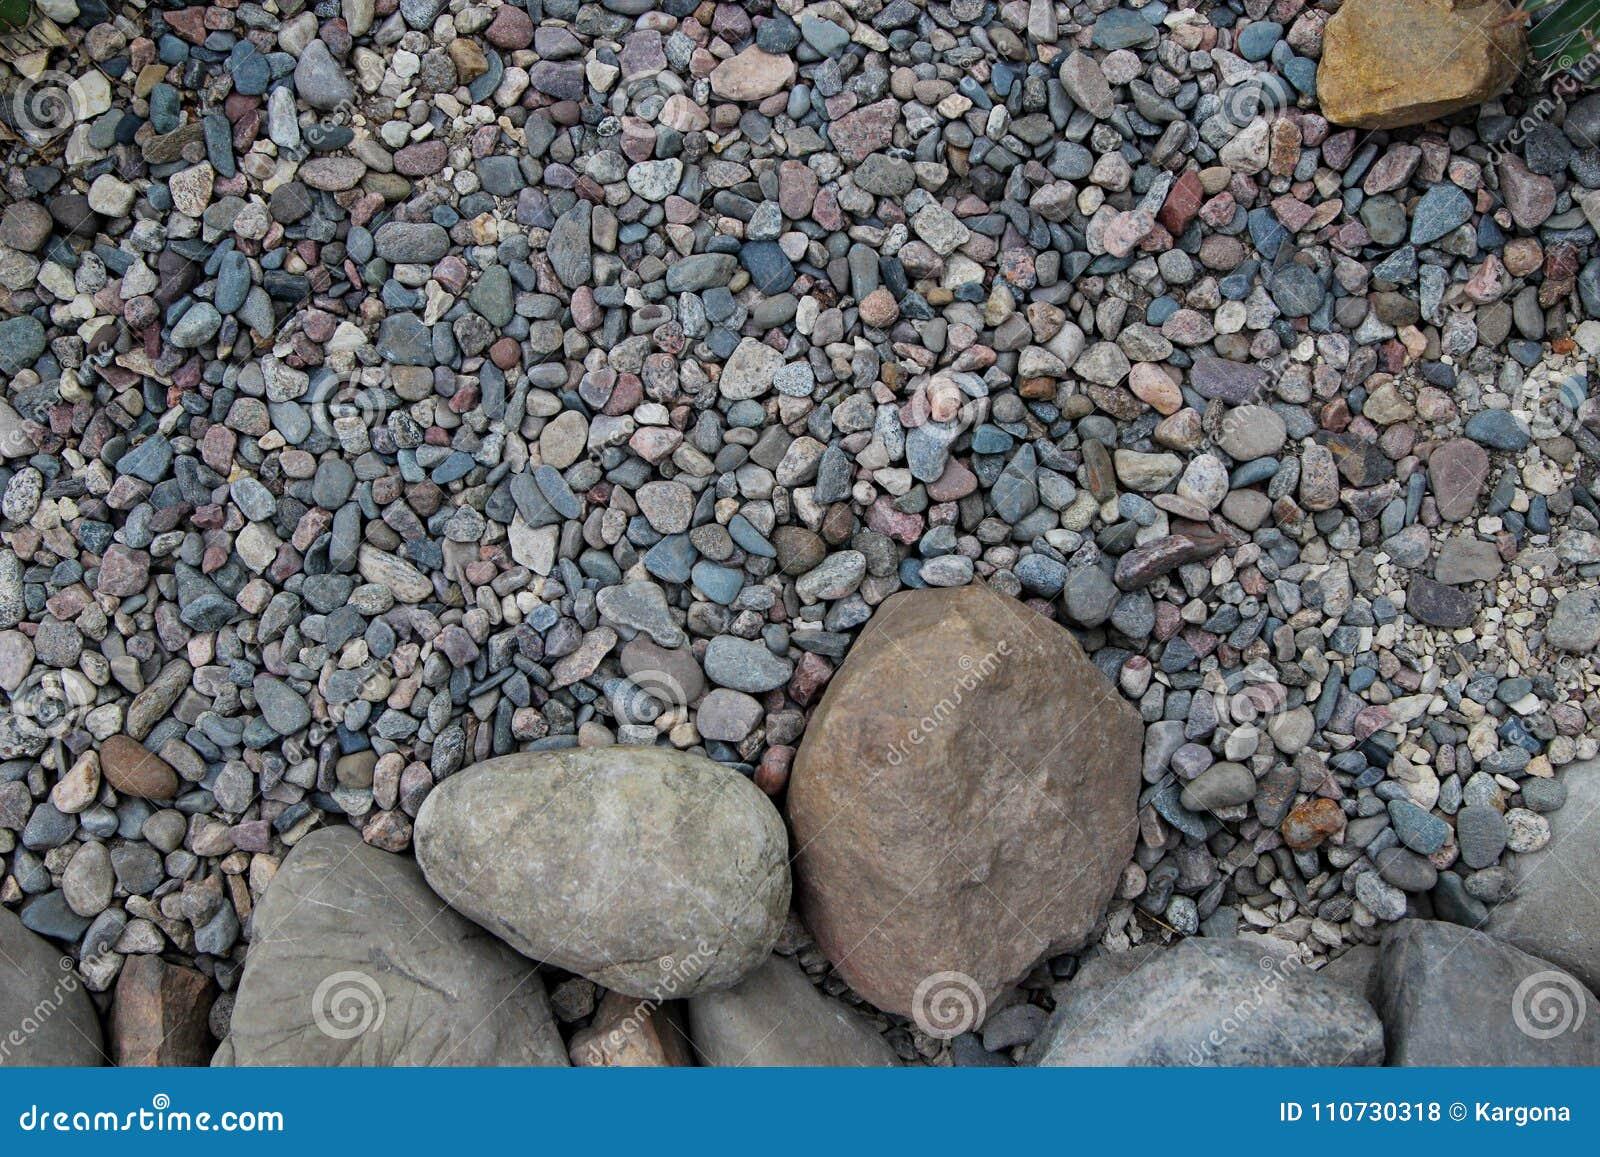 Большие круглые камни и малые камешки различных формы и цвета